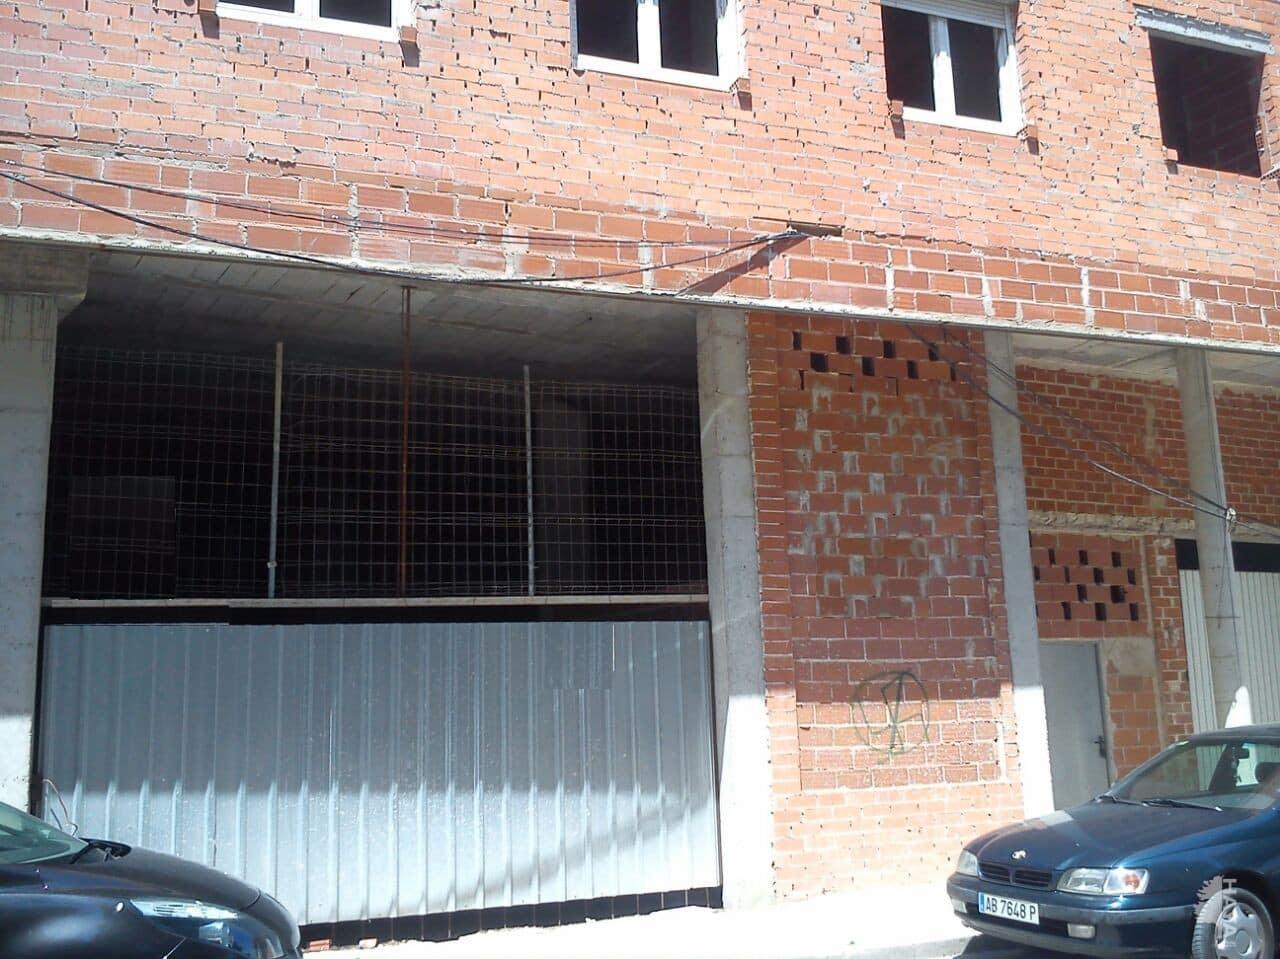 Piso en venta en La Roda, Albacete, Calle Juan Garcia Glz, 36.300 €, 1 habitación, 1 baño, 107 m2